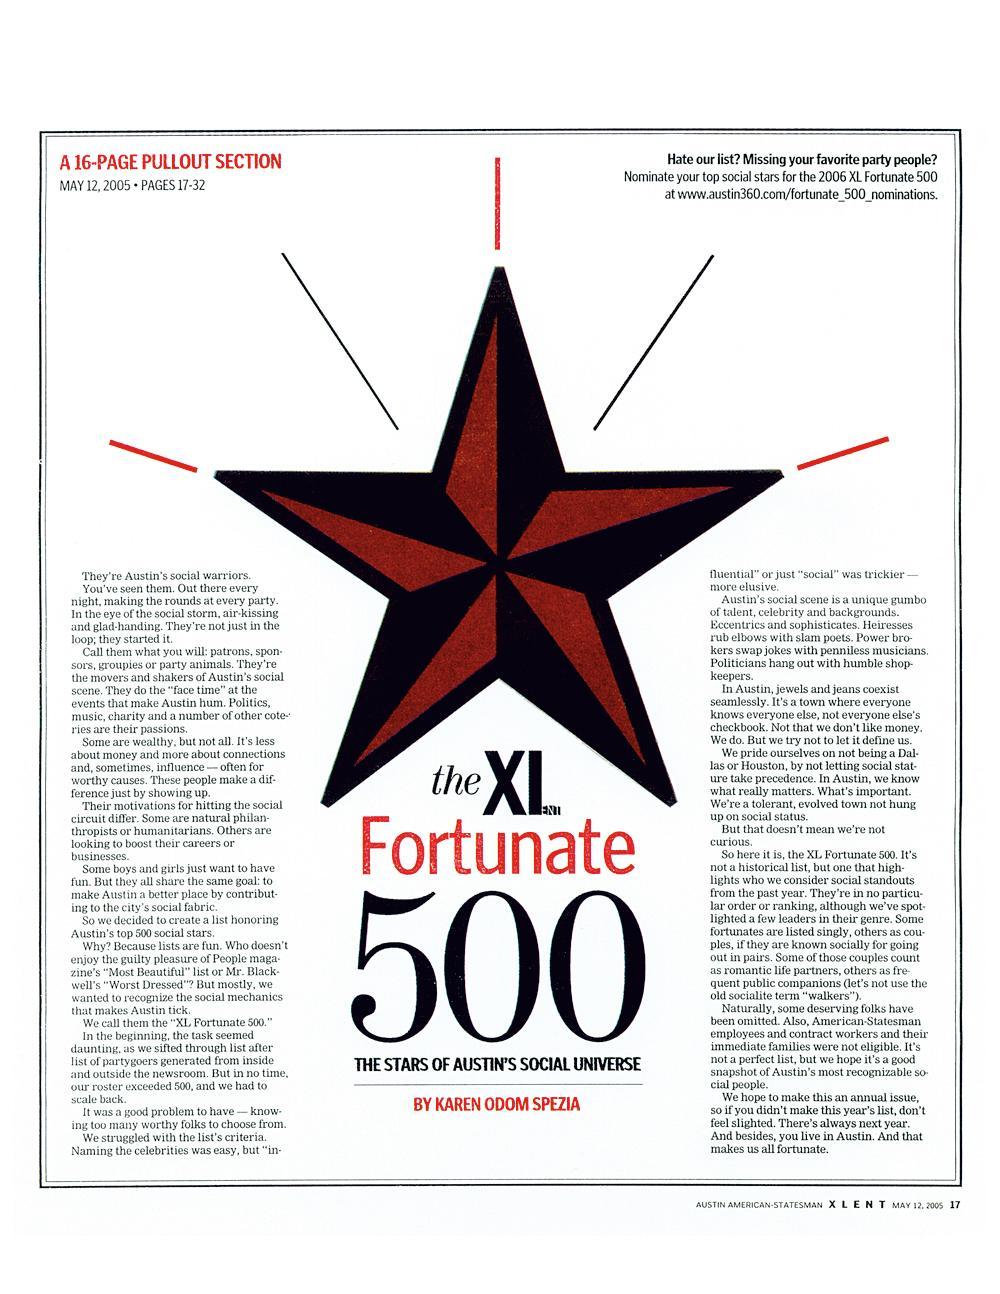 XL's Fortunate 500